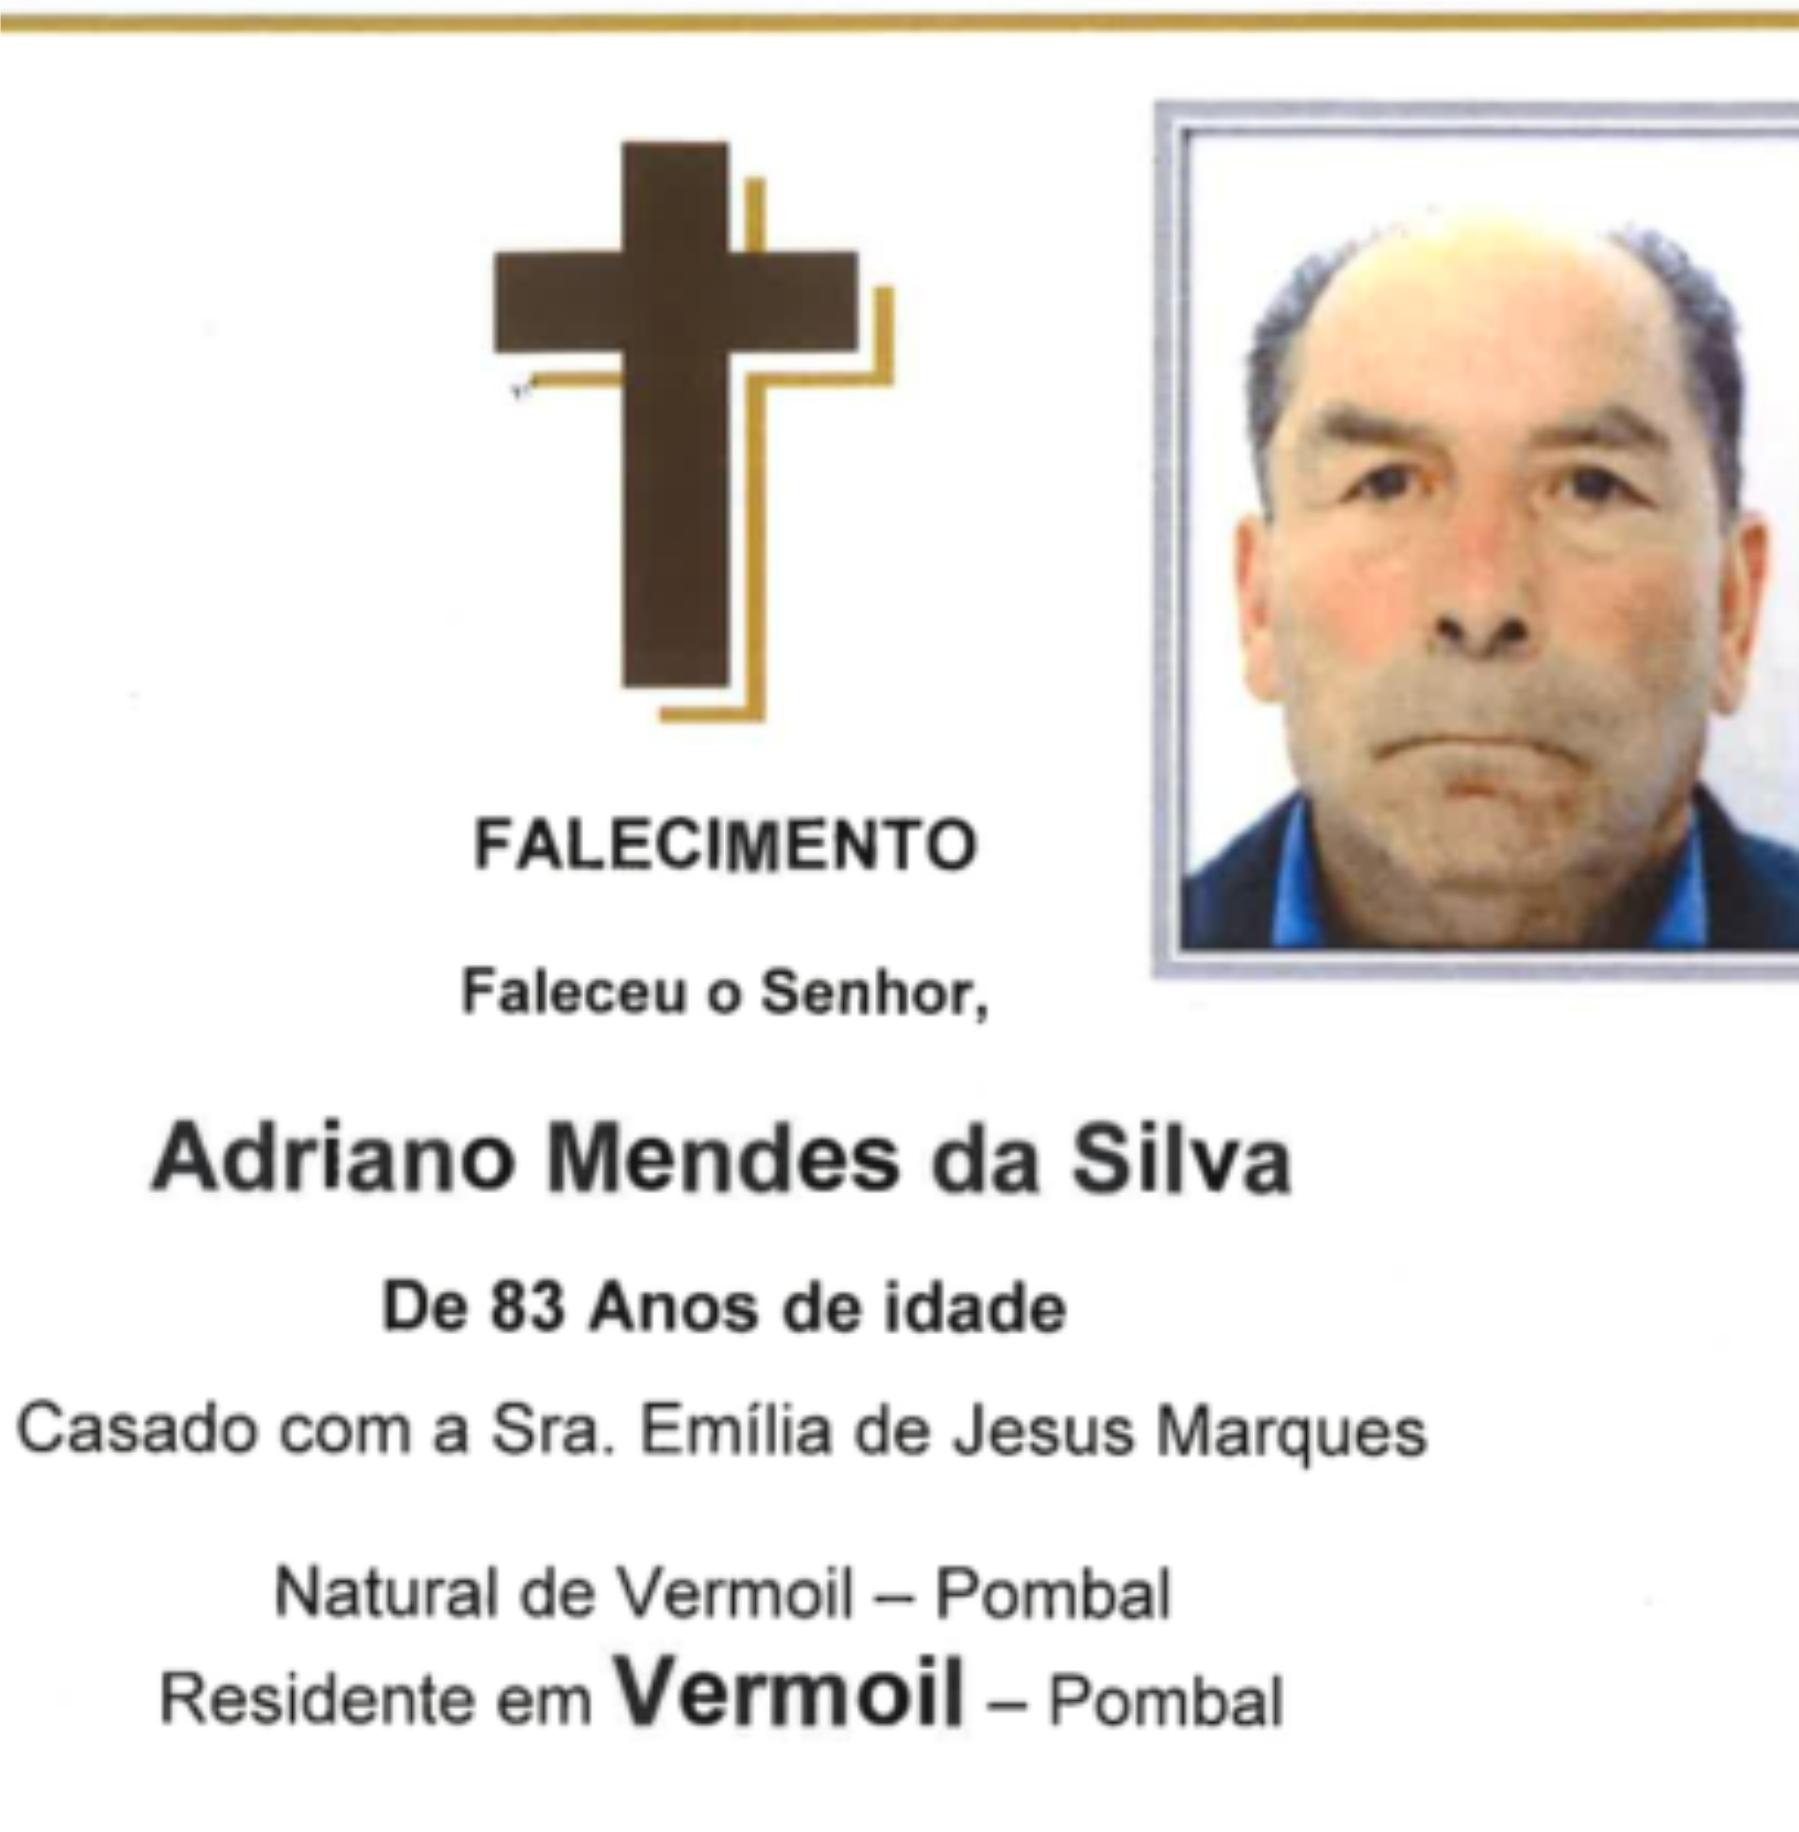 03-03-20 - Adriano Mendes da Silva - Vermoil